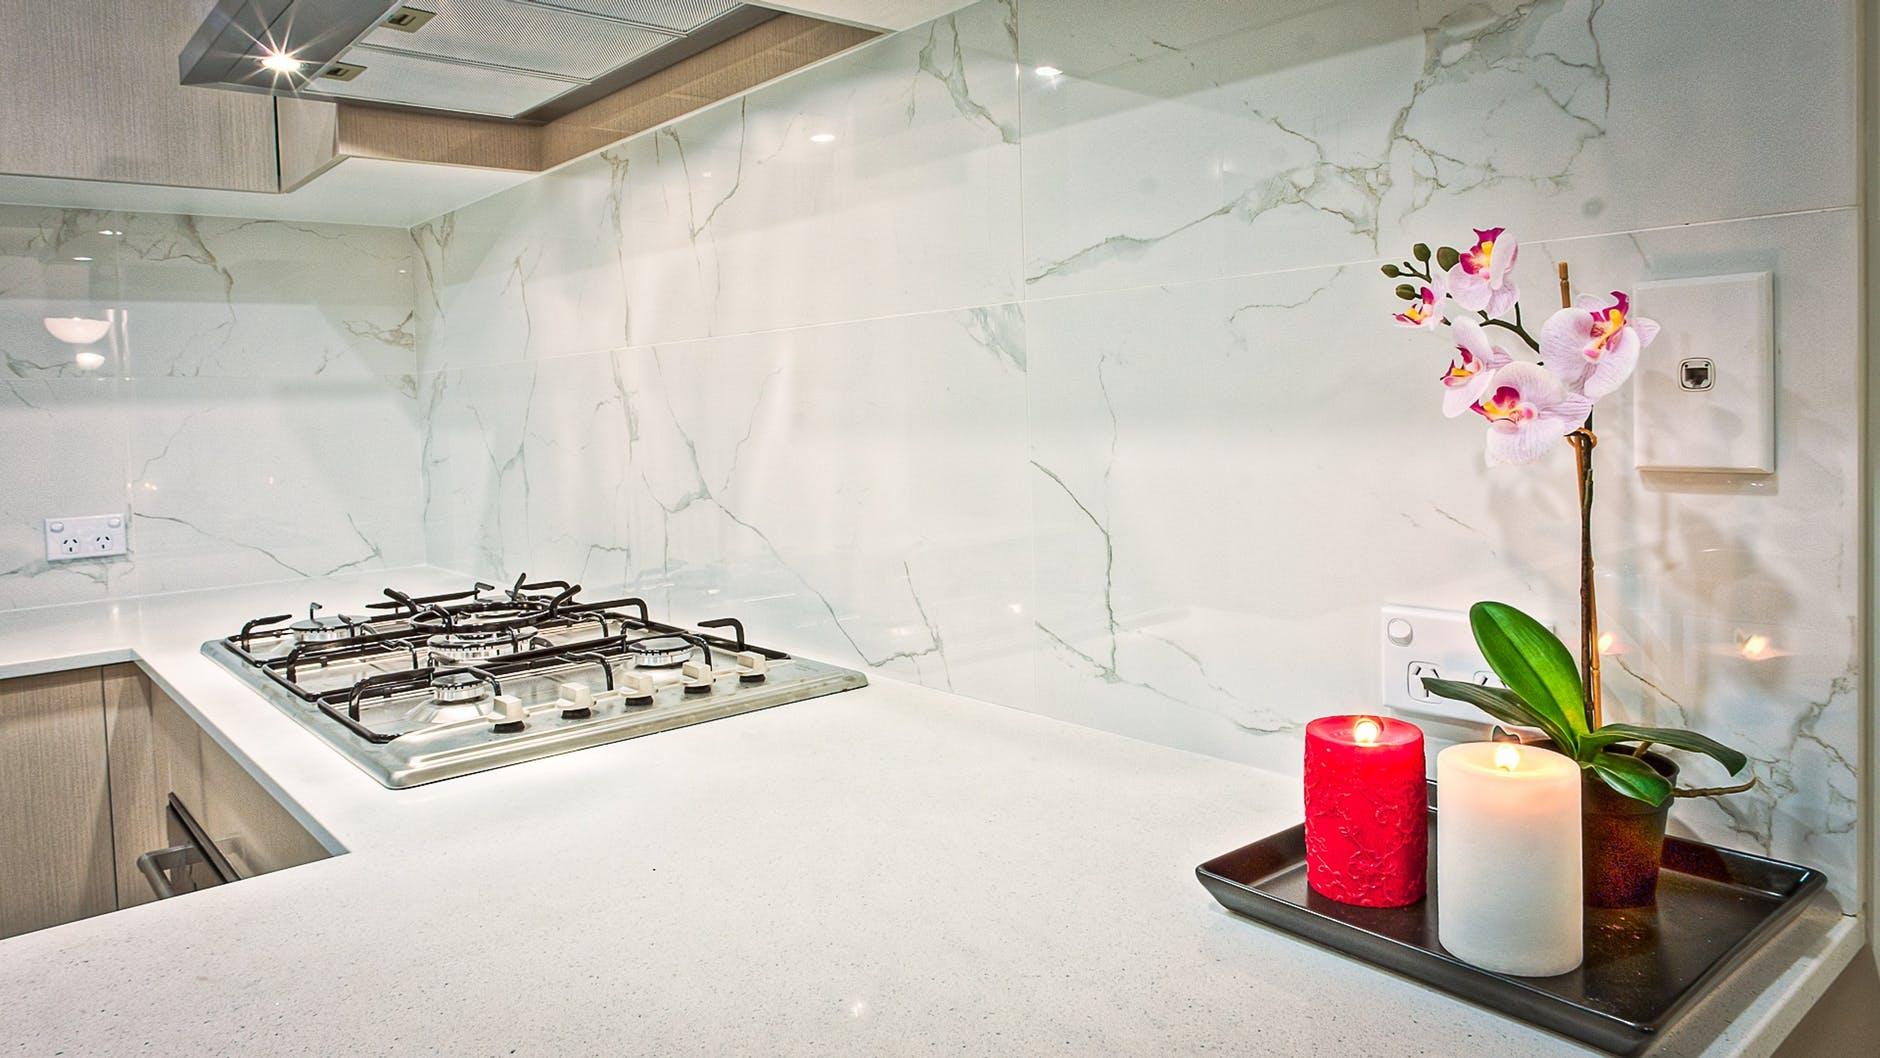 Glas Service München, Glaserei Fensterglas Isolierglas glas service münchen, muenchen, glaserei, isolierglas, Glasduschen, Glastrennwände, Küchenrückwändе, Fensterglas, Spiegel Adresse: Authariplatz 8, 81545 München Tel : 089/60068010